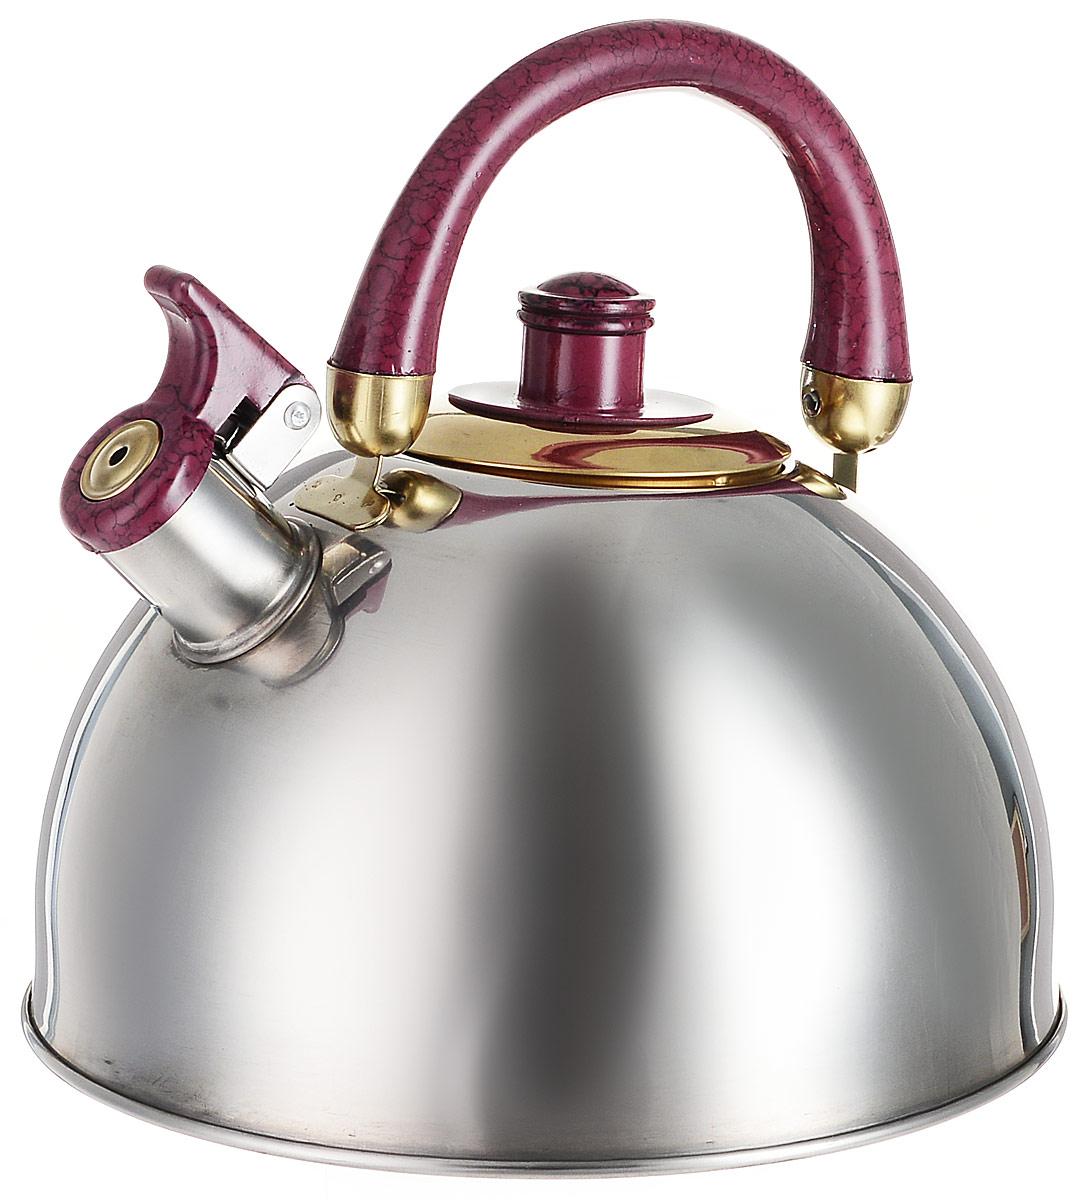 Чайник Mayer & Boch, со свистком, цвет: стальной, бордовый, золотистый, 4,5 л. 2043820438Чайник Mayer & Boch изготовлен из высококачественной нержавеющей стали, что делает его весьма гигиеничным и устойчивым к износу при длительном использовании. Утолщенное дно обеспечивает равномерный и быстрый нагрев, поэтому вода закипает гораздо быстрее, чем в обычных чайниках. Чайник оснащен откидным свистком, звуковой сигнал которого подскажет, когда закипит вода. Подвижная ручка из бакелита дает дополнительное удобство при разлитии напитка. Чайник Mayer & Boch идеально впишется в интерьер любой кухни и станет замечательным подарком к любому случаю. Подходит для газовых, включая индукционные. Можно мыть в посудомоечной машине. Диаметр (по верхнему краю): 9 см. Диаметр основания: 22 см. Высота стенки: 13 см.